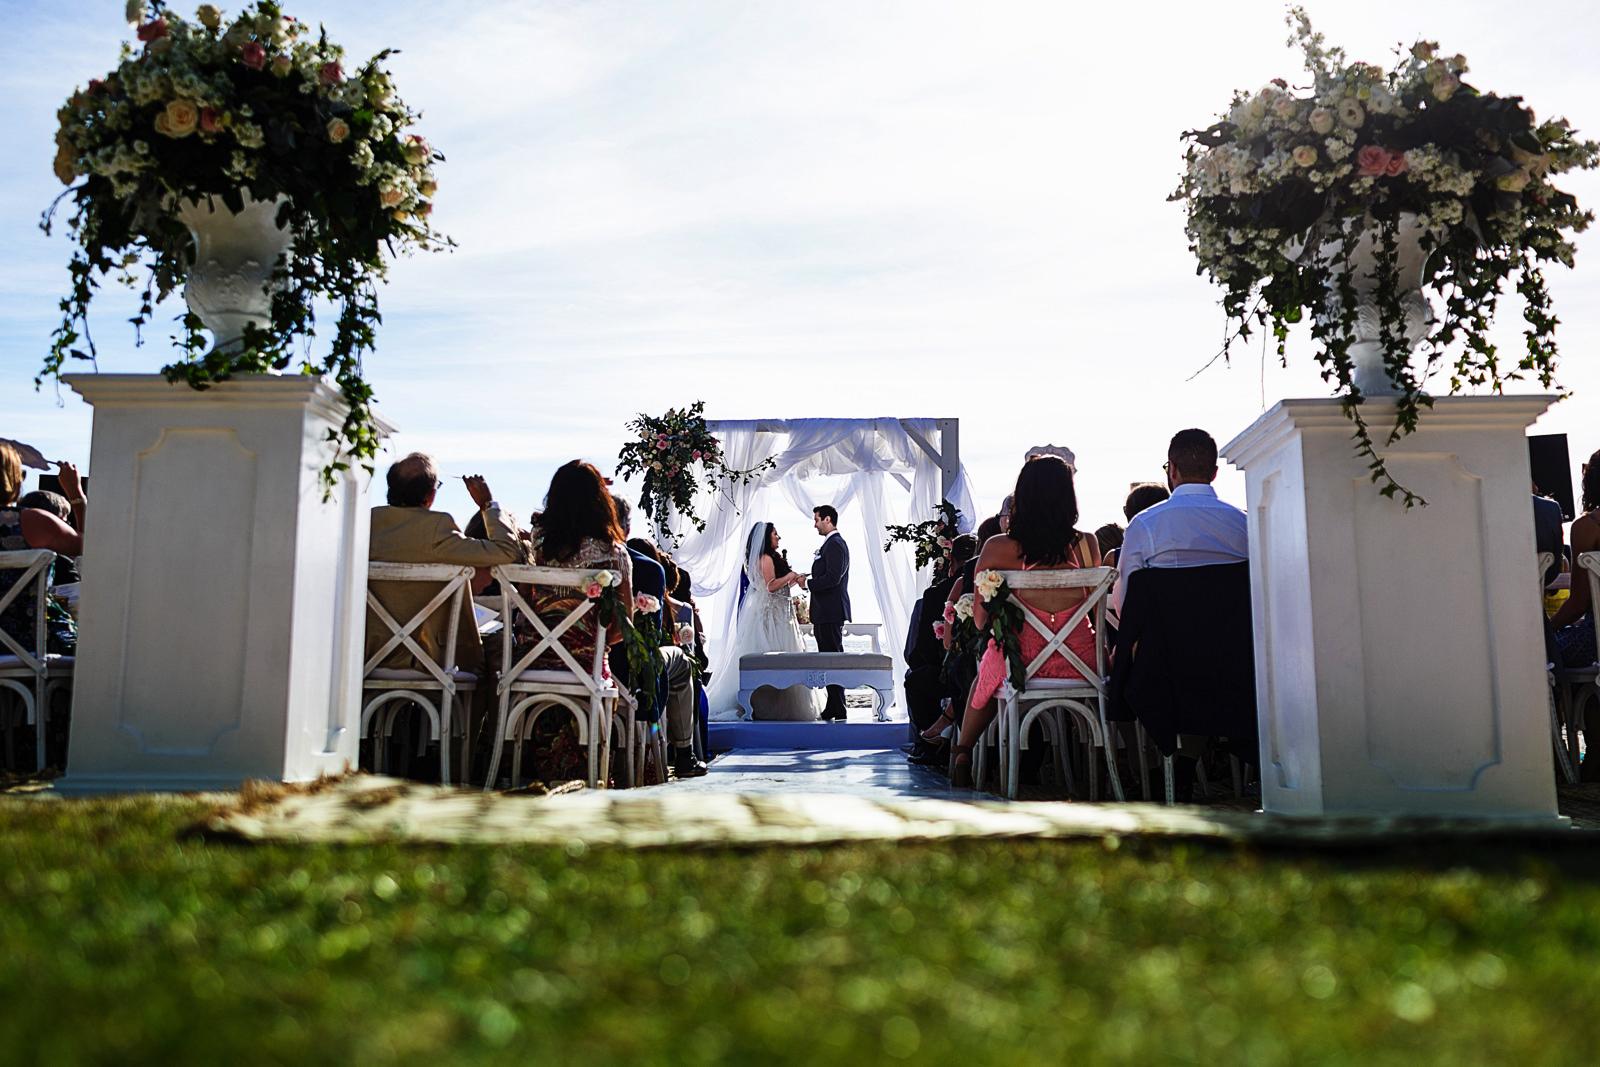 st-regis-punta-mita-wedding-grass-beach-sand